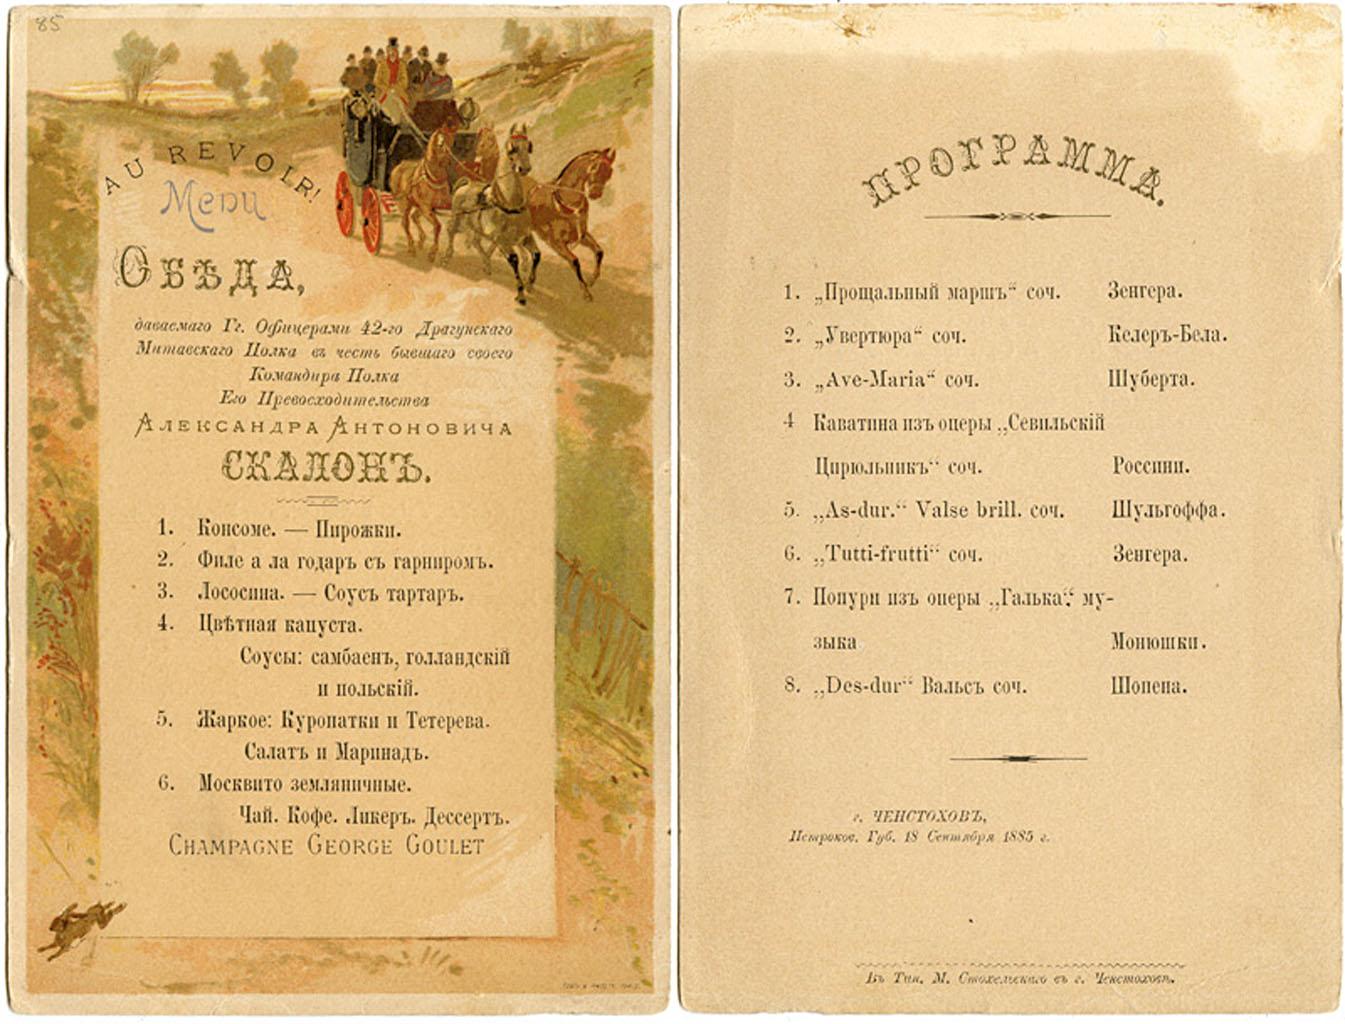 0_919e1_c77c0c32_origМеню и программа обеда офицеров 42 драгунского Митаевского полка в честь бывшего своего командира А.А.Скалона 18 сентября 1885 г. в г.Ченстохов.